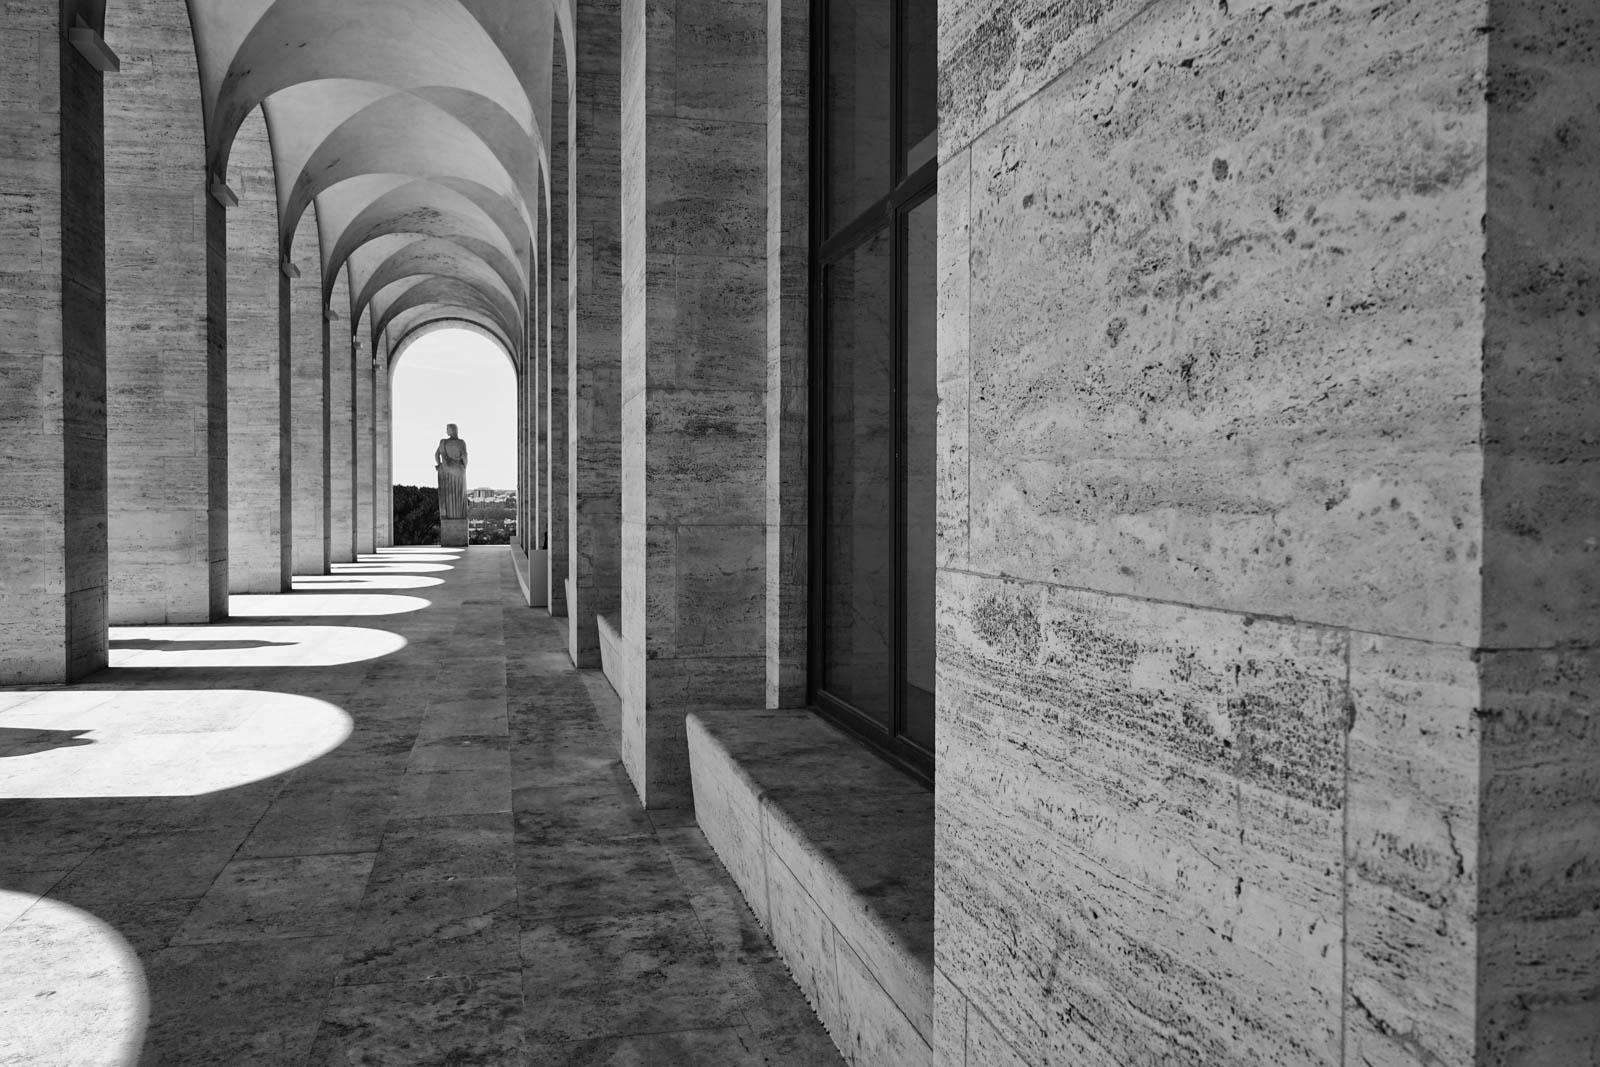 Palazzo della civilta 39 italiana all 39 eur di roma lorenzo for Palazzo della civilta italiana fendi